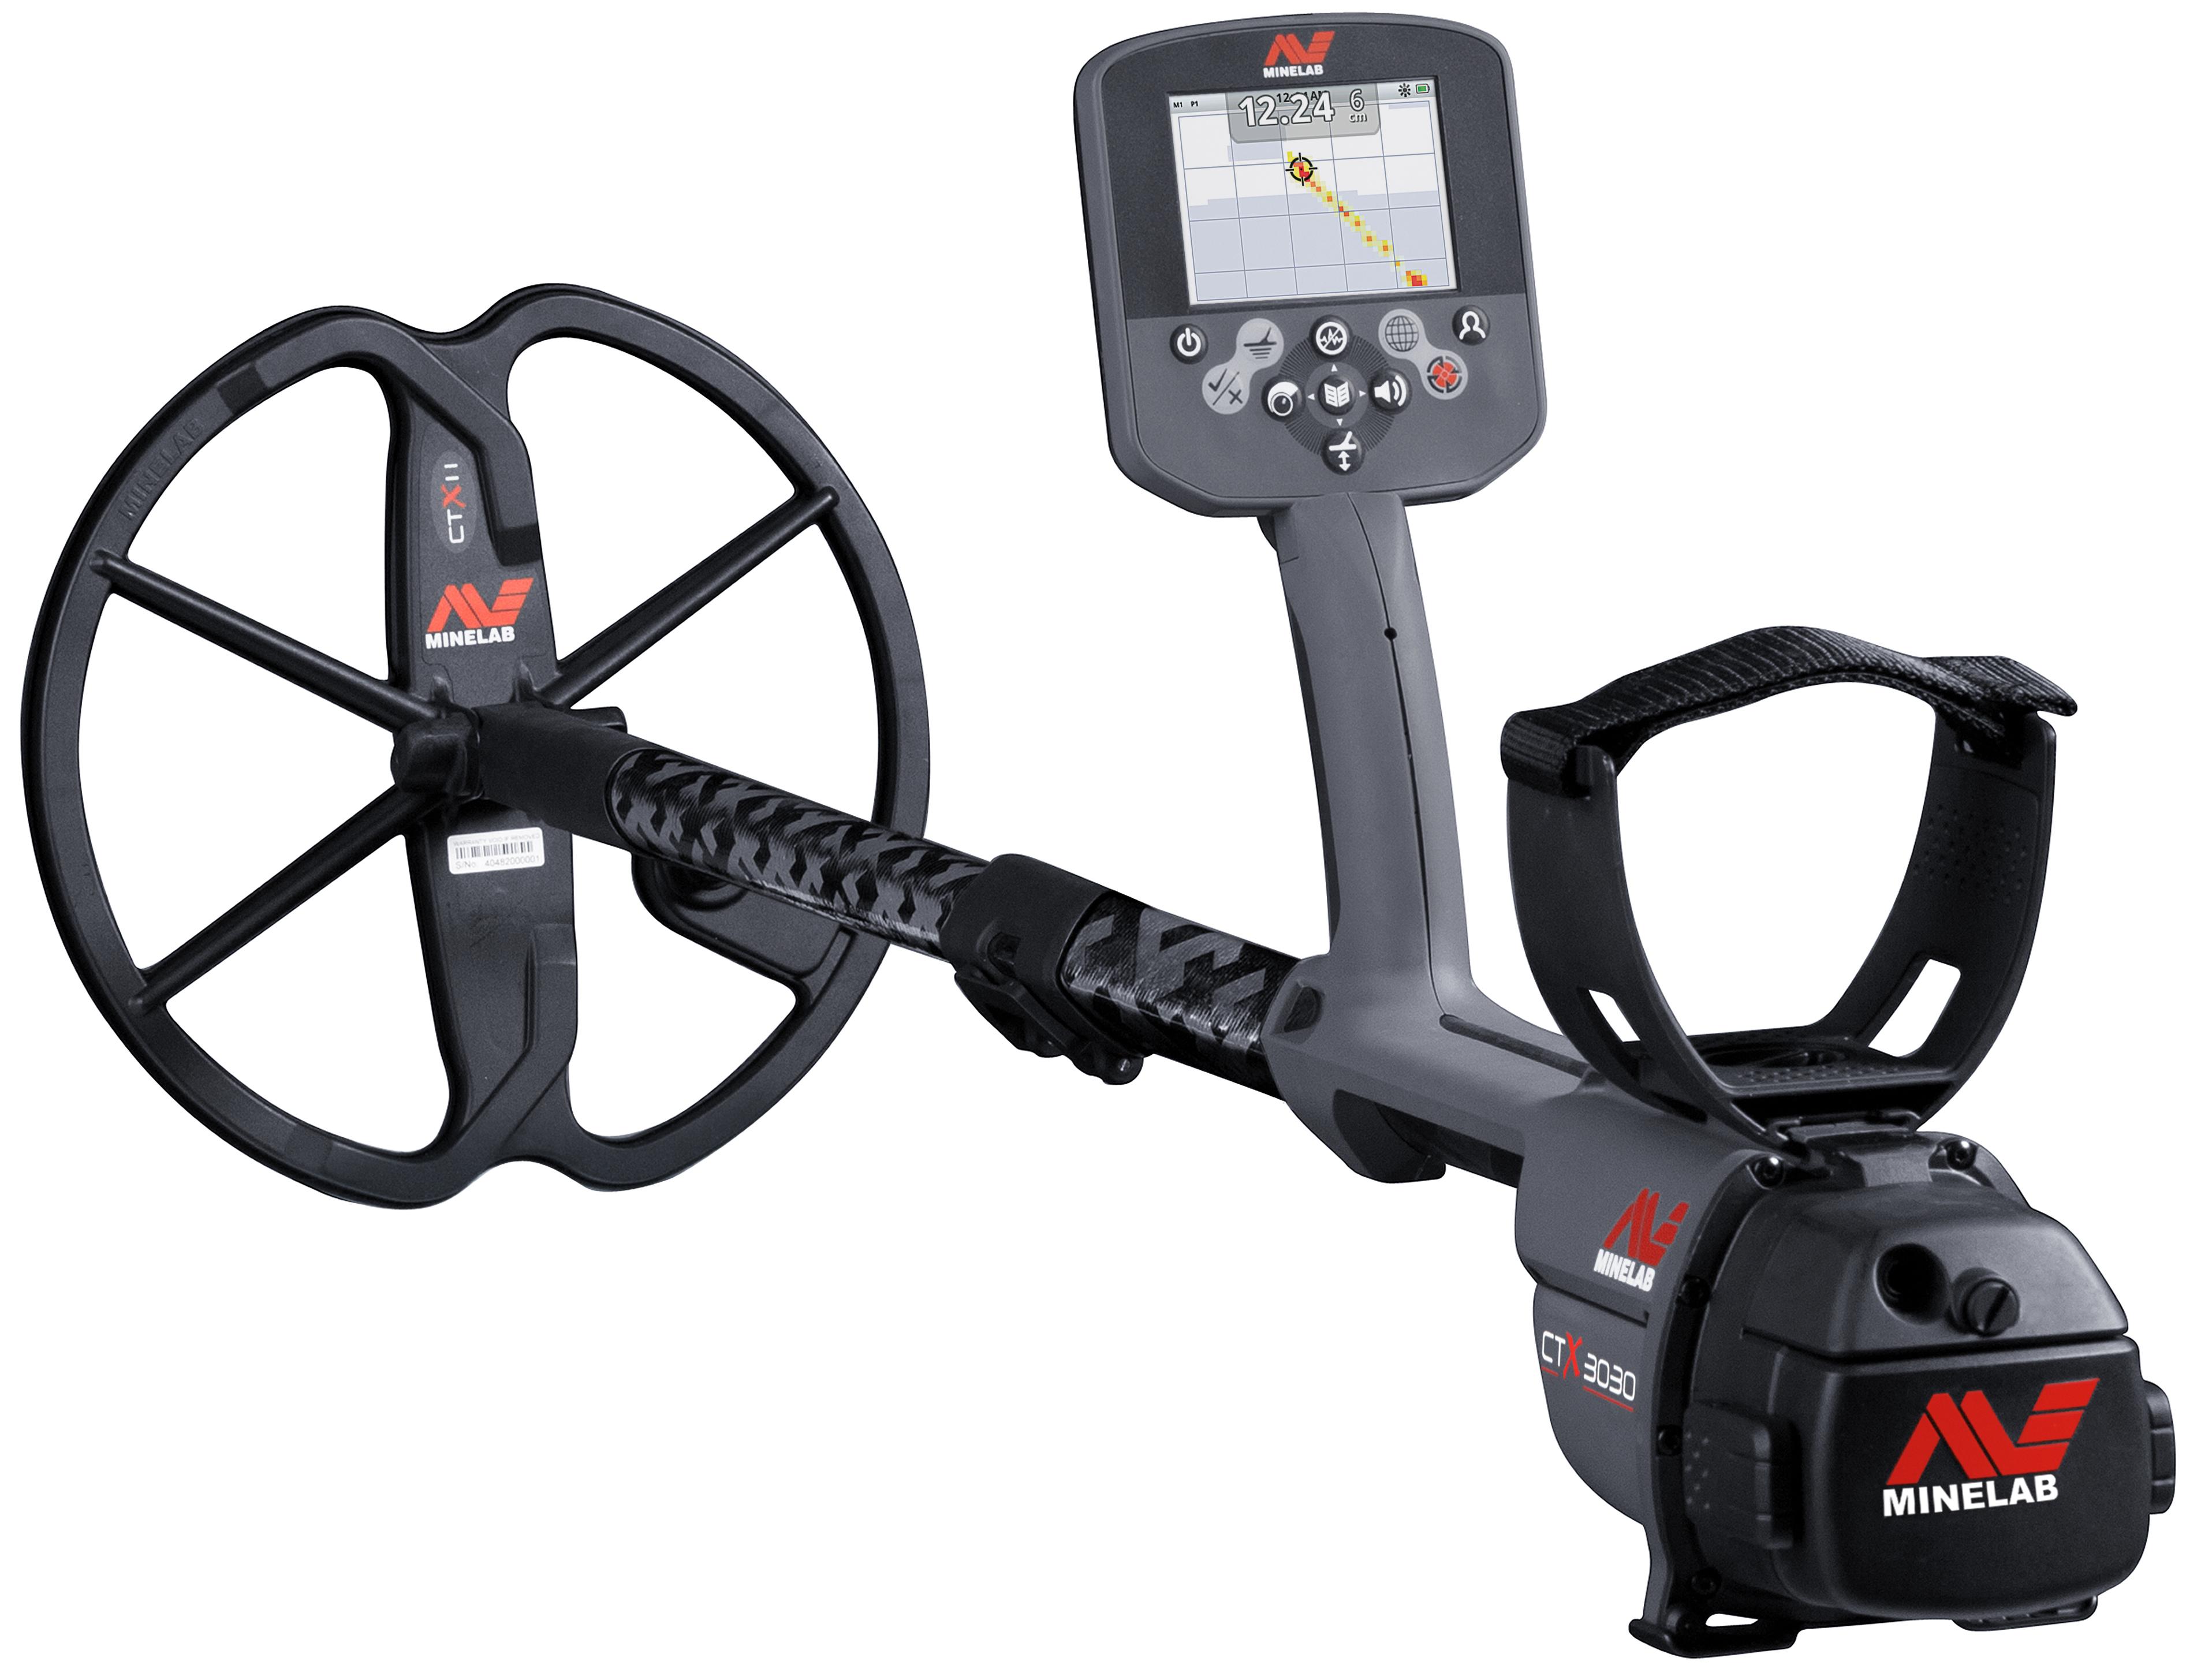 Металлоискатель minelab ctx 3030 - купить в москве по недоро.